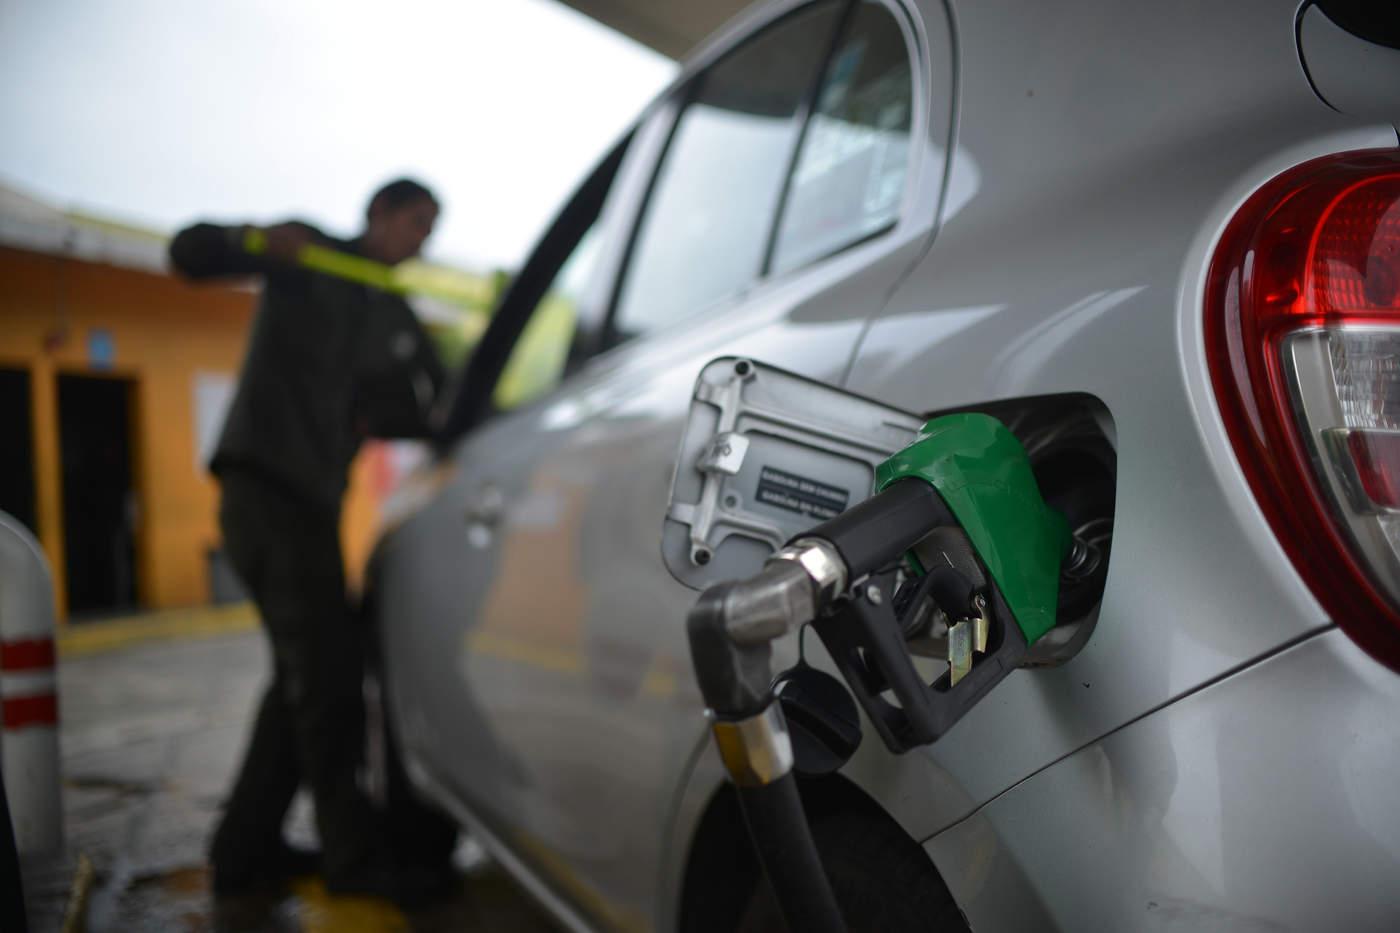 Propietarios de estaciones de servicio ubicadas en la zona centro rechazaron que se esté presentando escasez de gasolina Magna, aunque aseguraron que al igual que en la vecina ciudad de Torreón, desde hace algunos días empezaron a tener problemas para surtir de la Premium. (ARCHIVO)